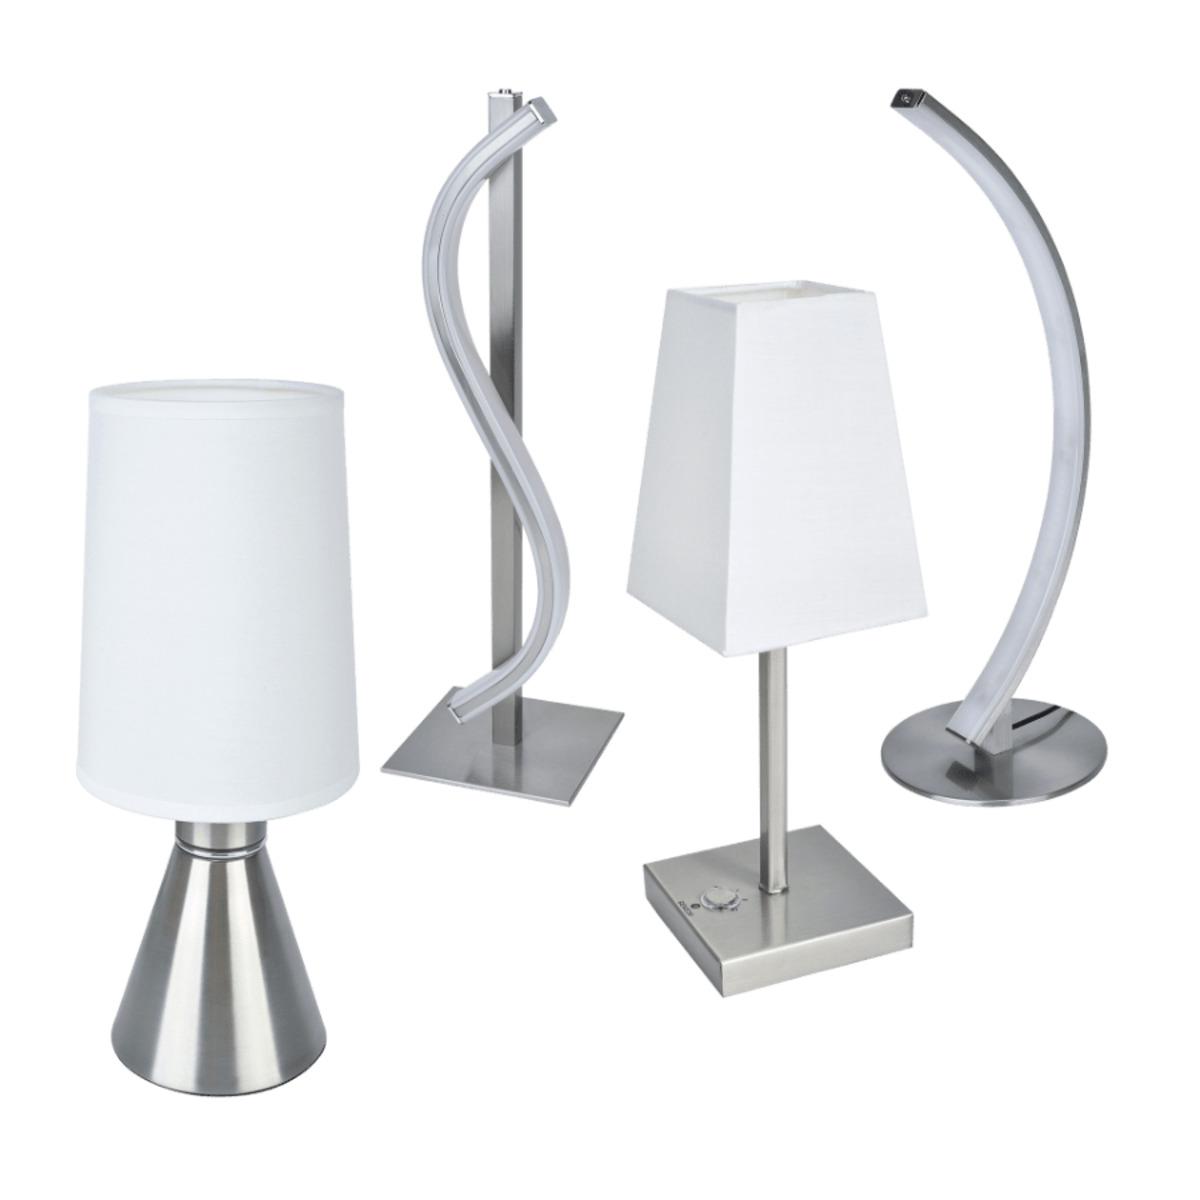 Bild 1 von LIGHTZONE     LED-Tischleuchte